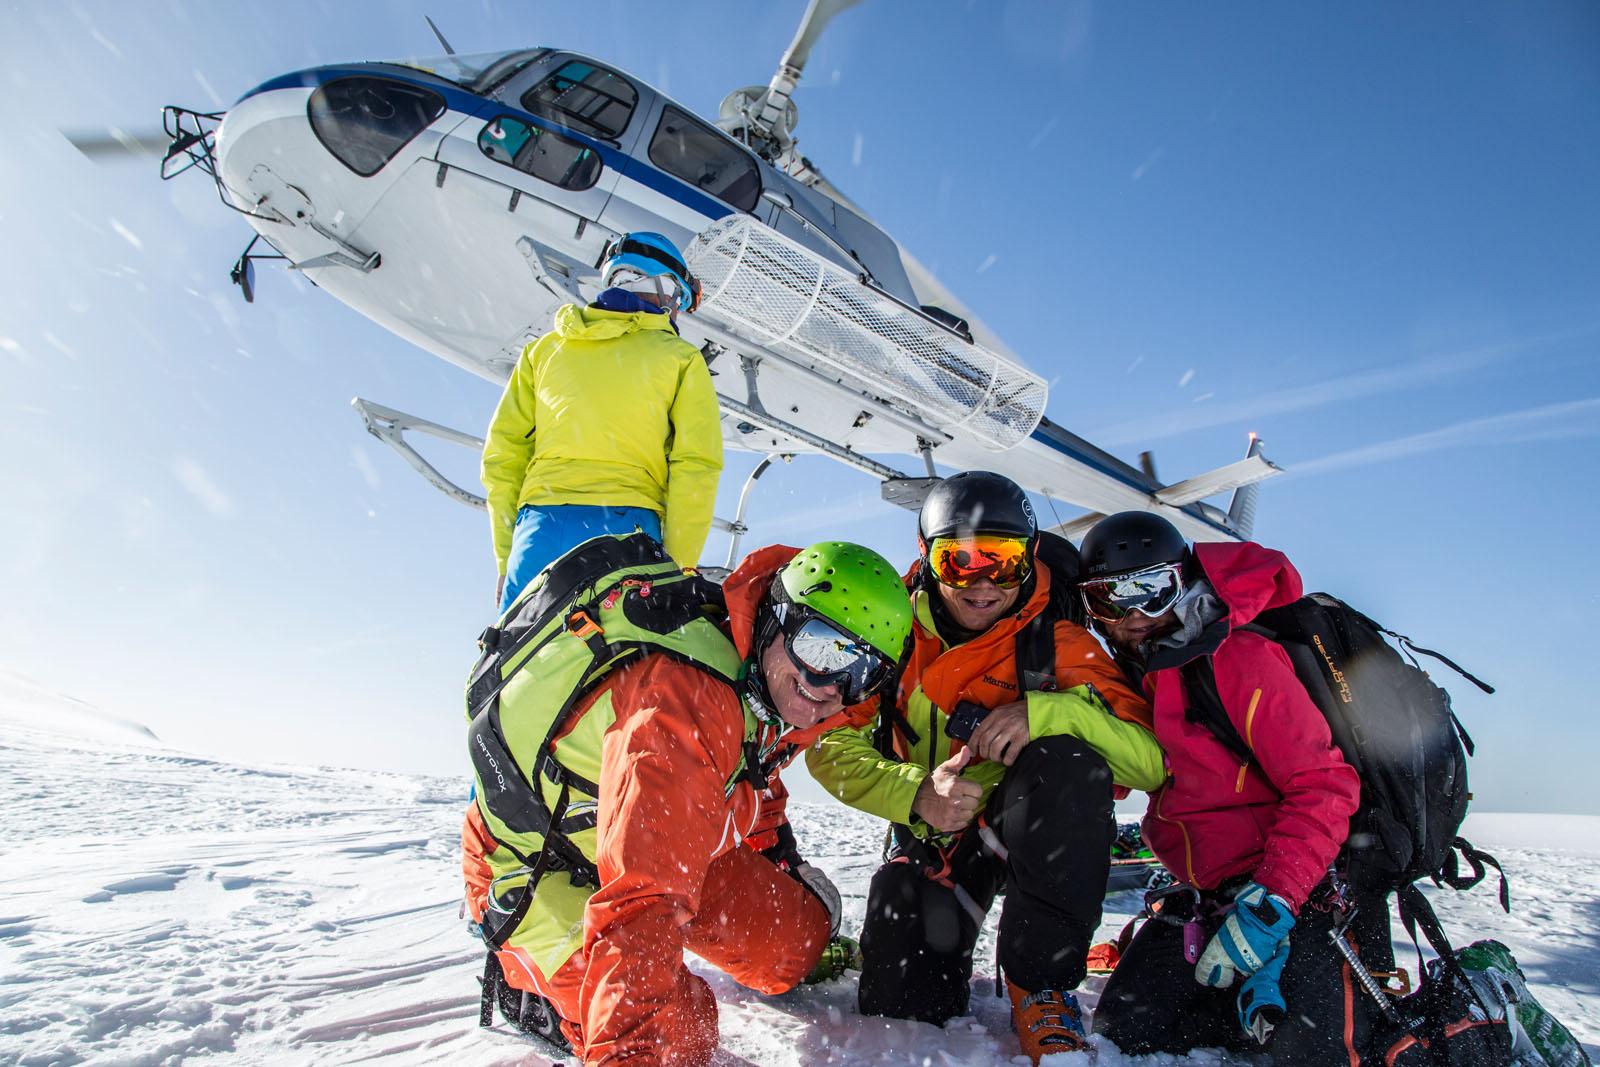 zuba-ski-gressoney-heliski-day-1-flight-001.jpg